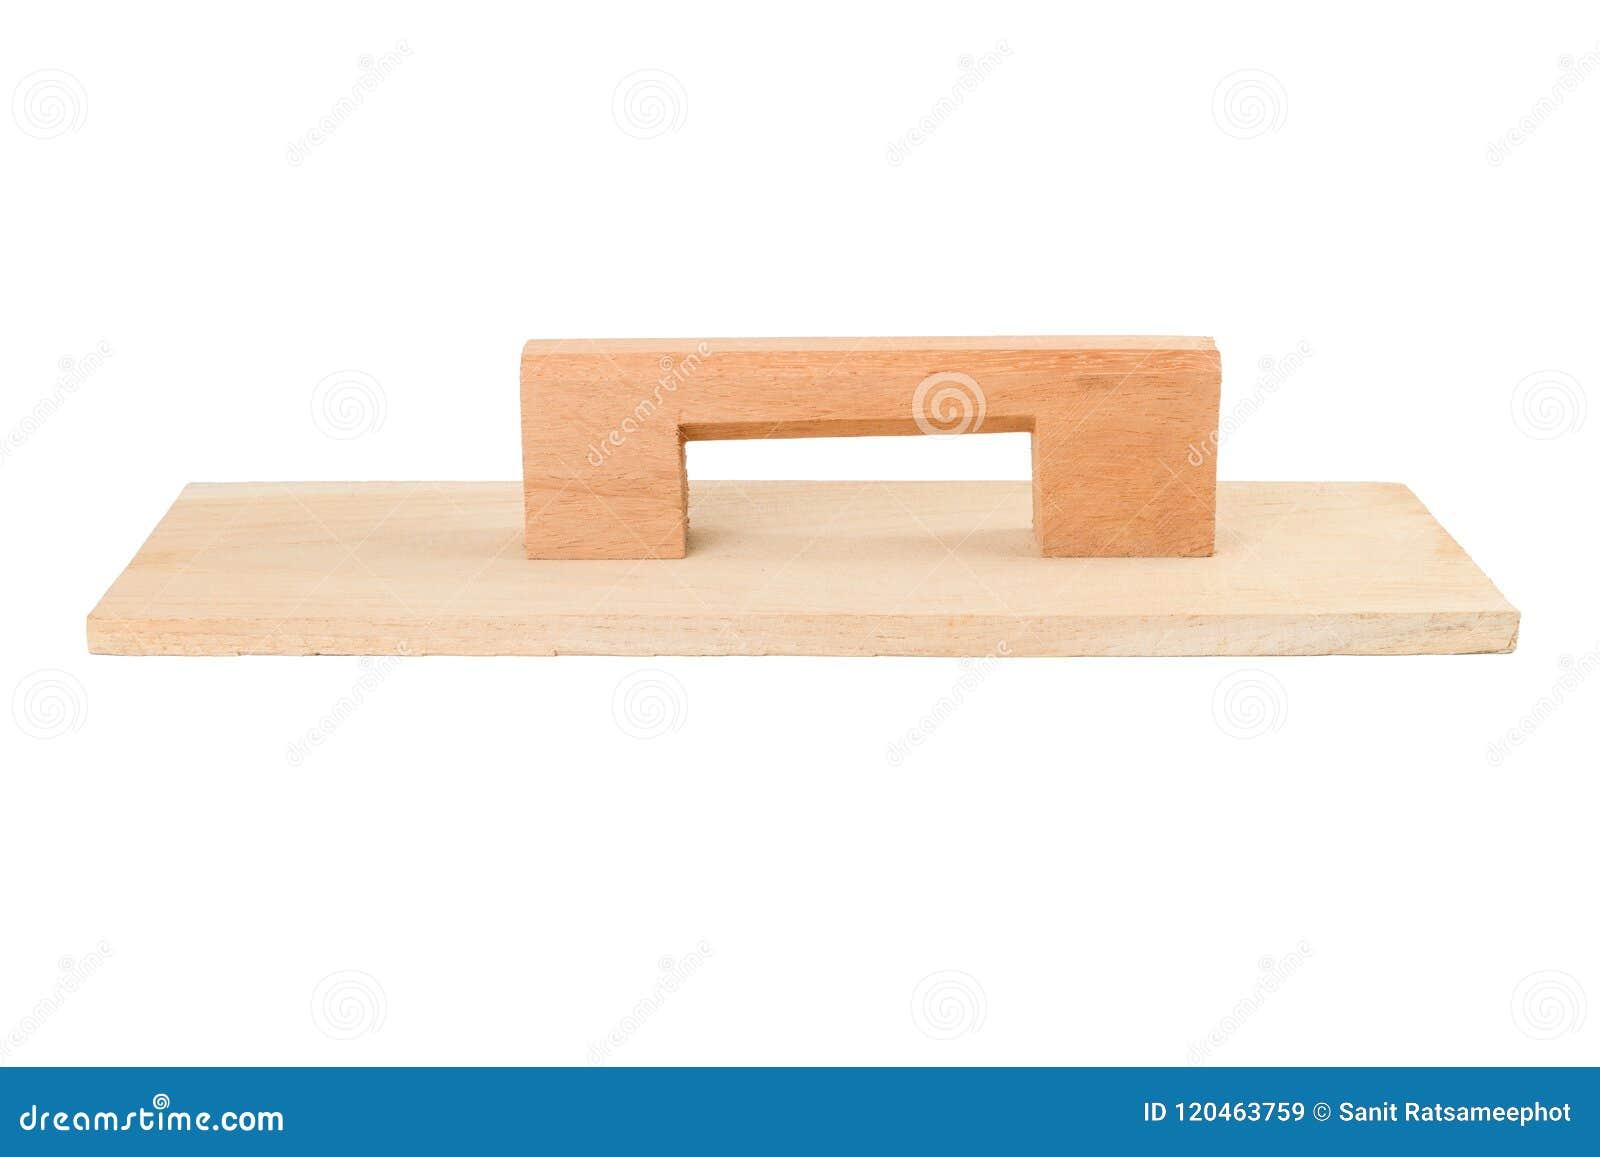 Wood Float Or Finishing Trowel Stock Image Image Of Masonry